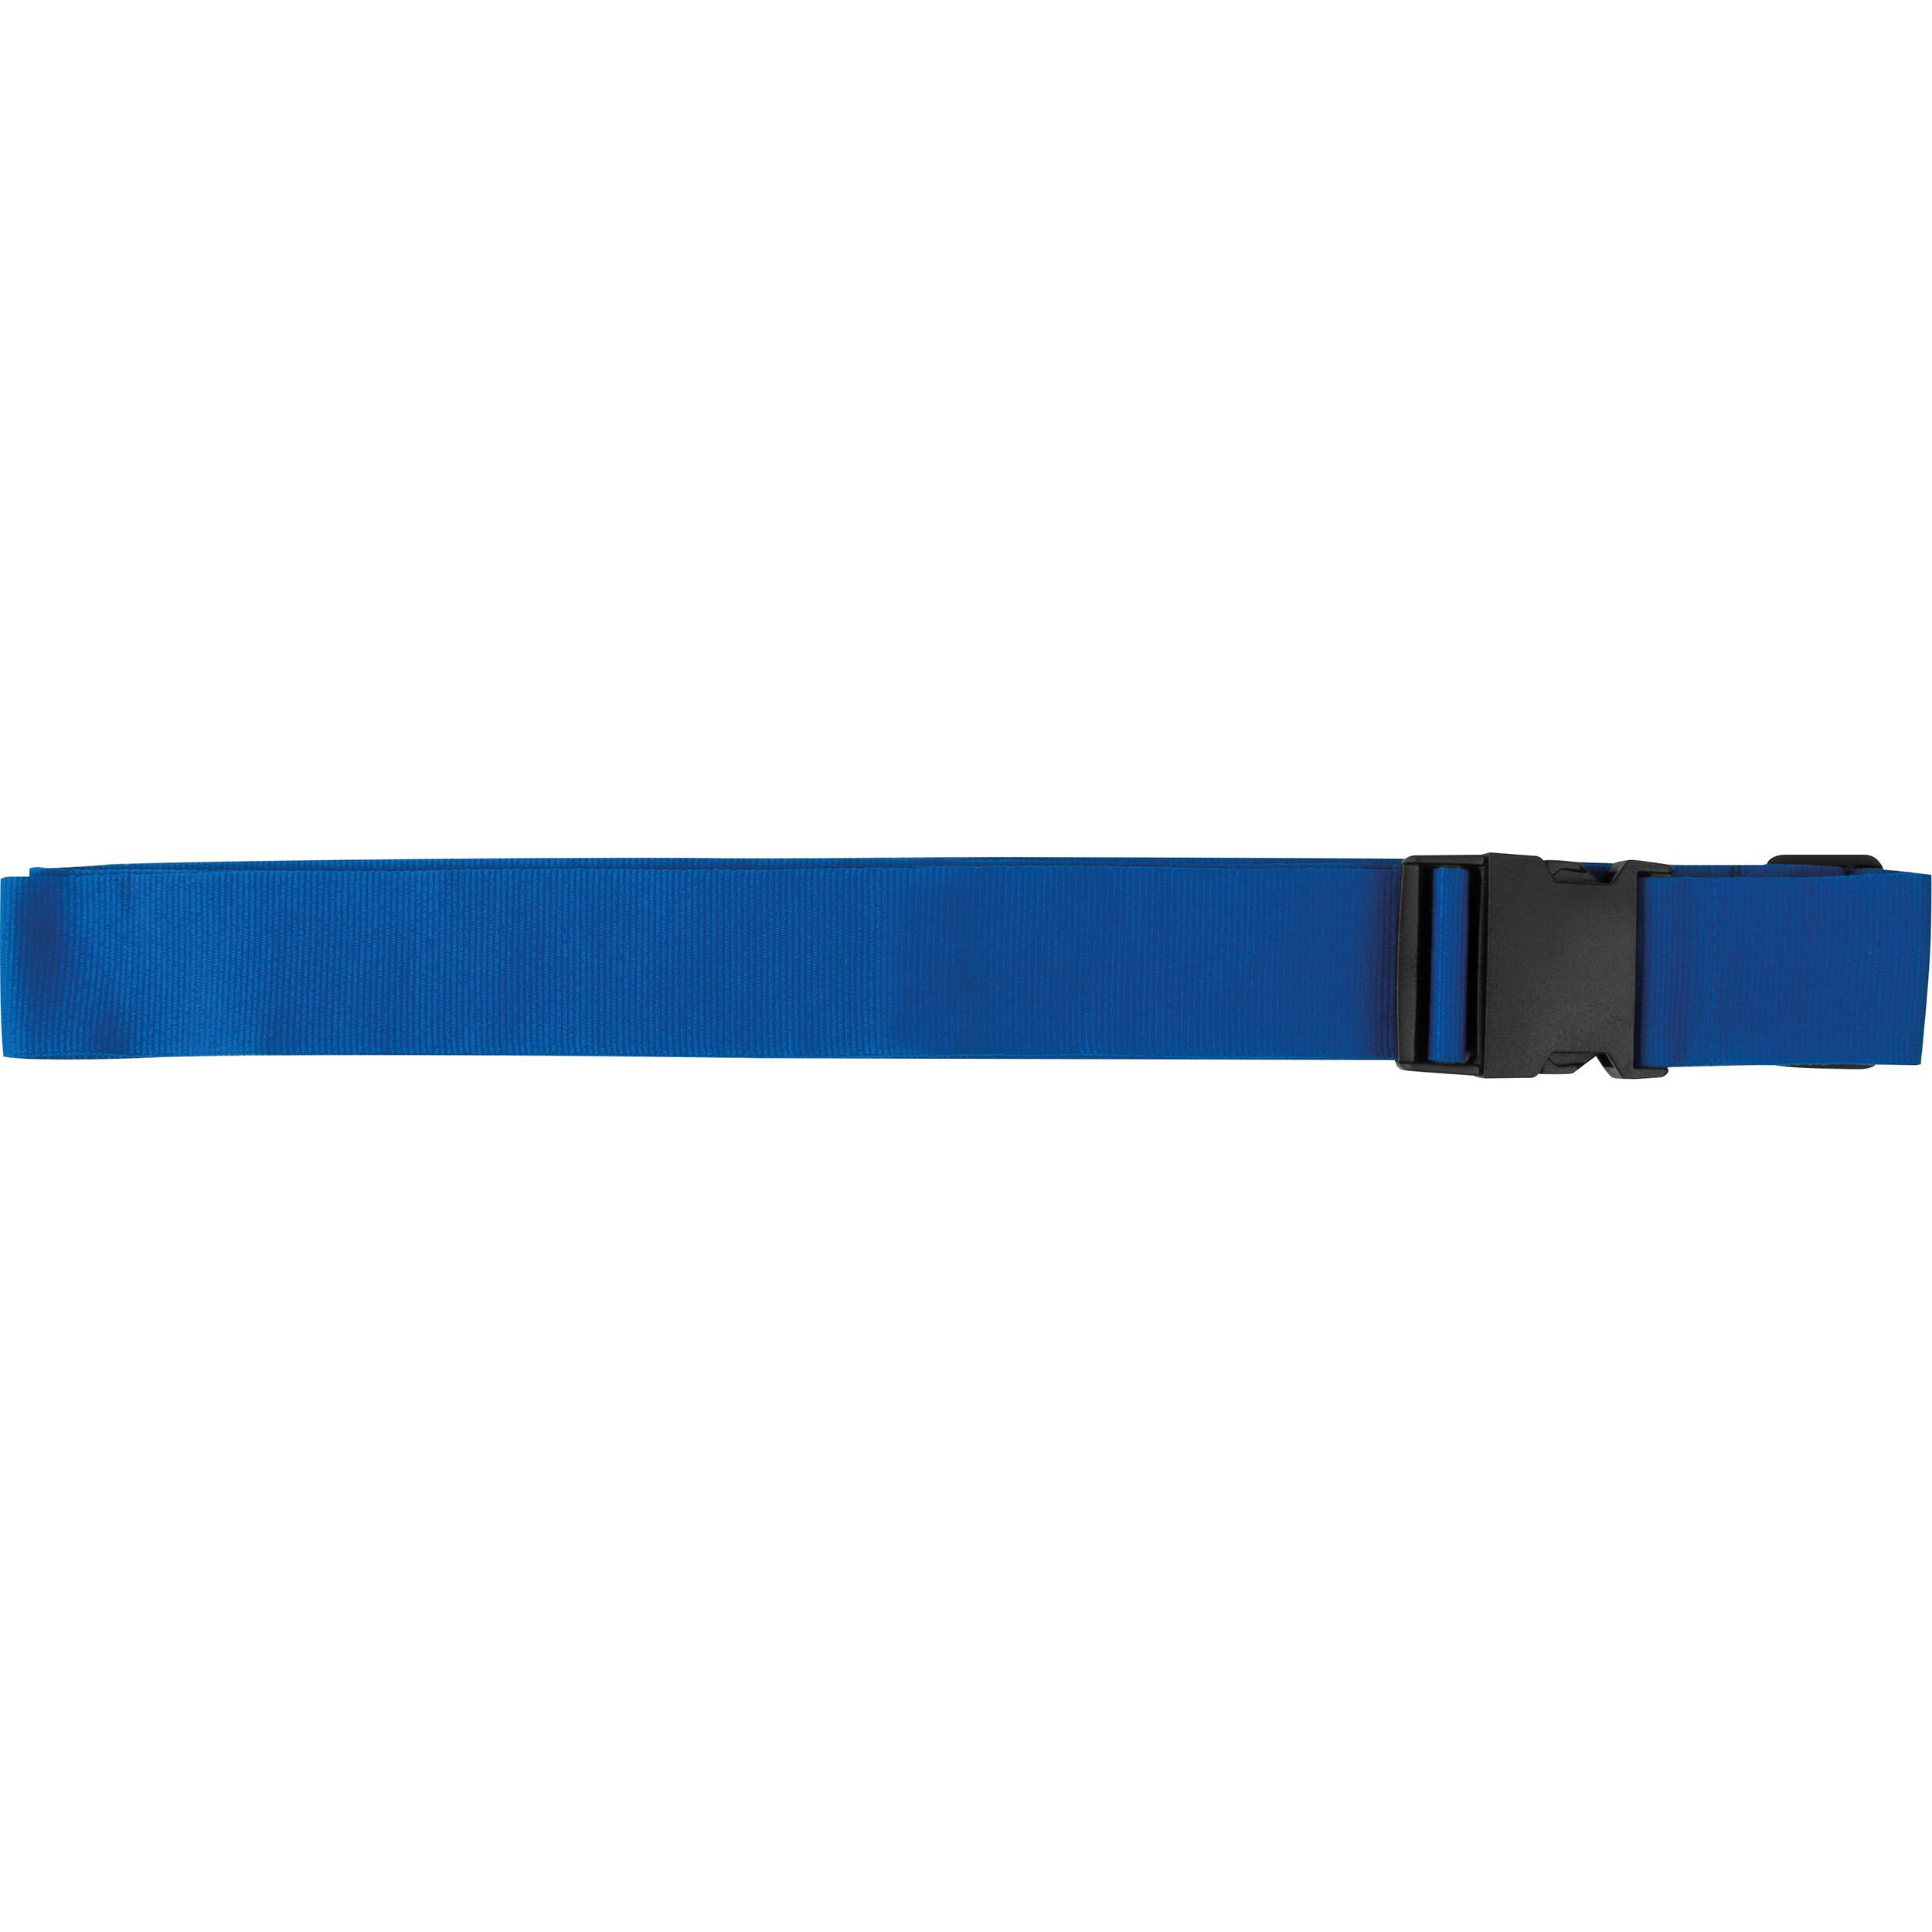 Bracelet réglable en polyester pour valise